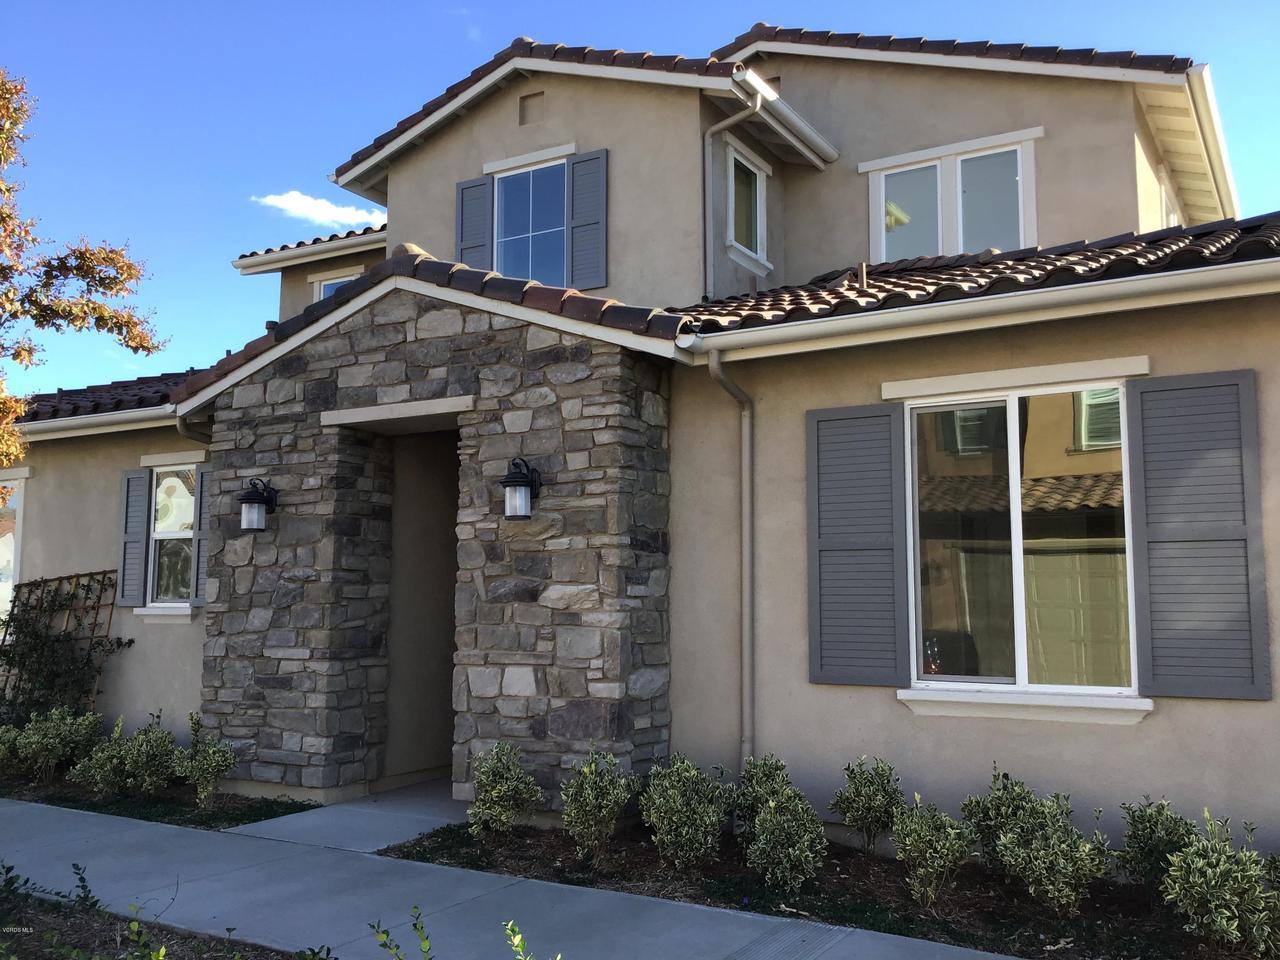 20544 GALLOWAY, Saugus, CA 91350 - Galloway homesite 39 pic